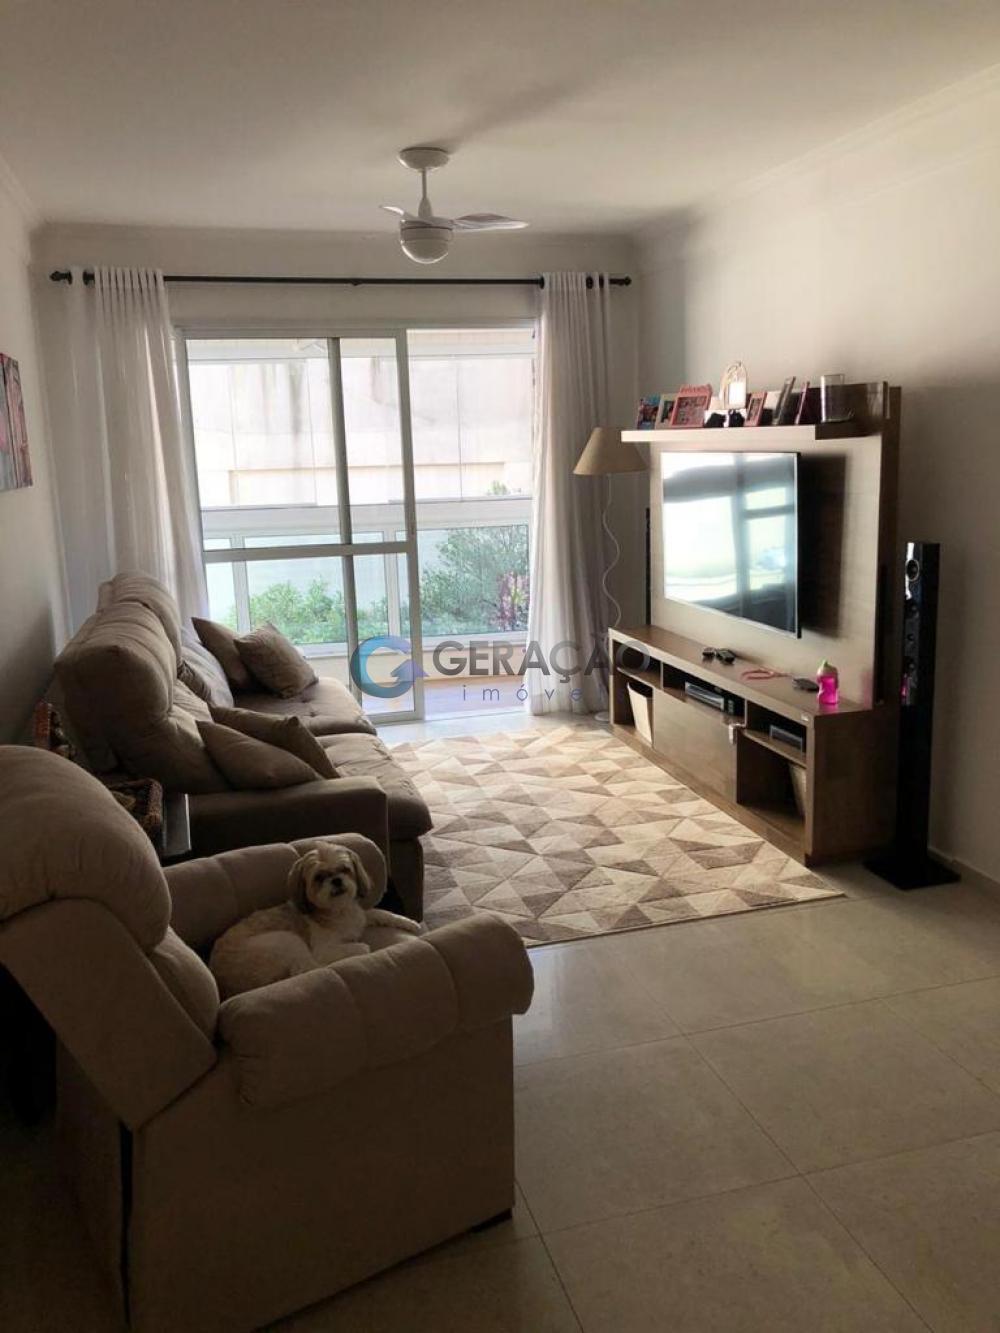 Comprar Apartamento / Padrão em São Paulo apenas R$ 1.300.000,00 - Foto 3